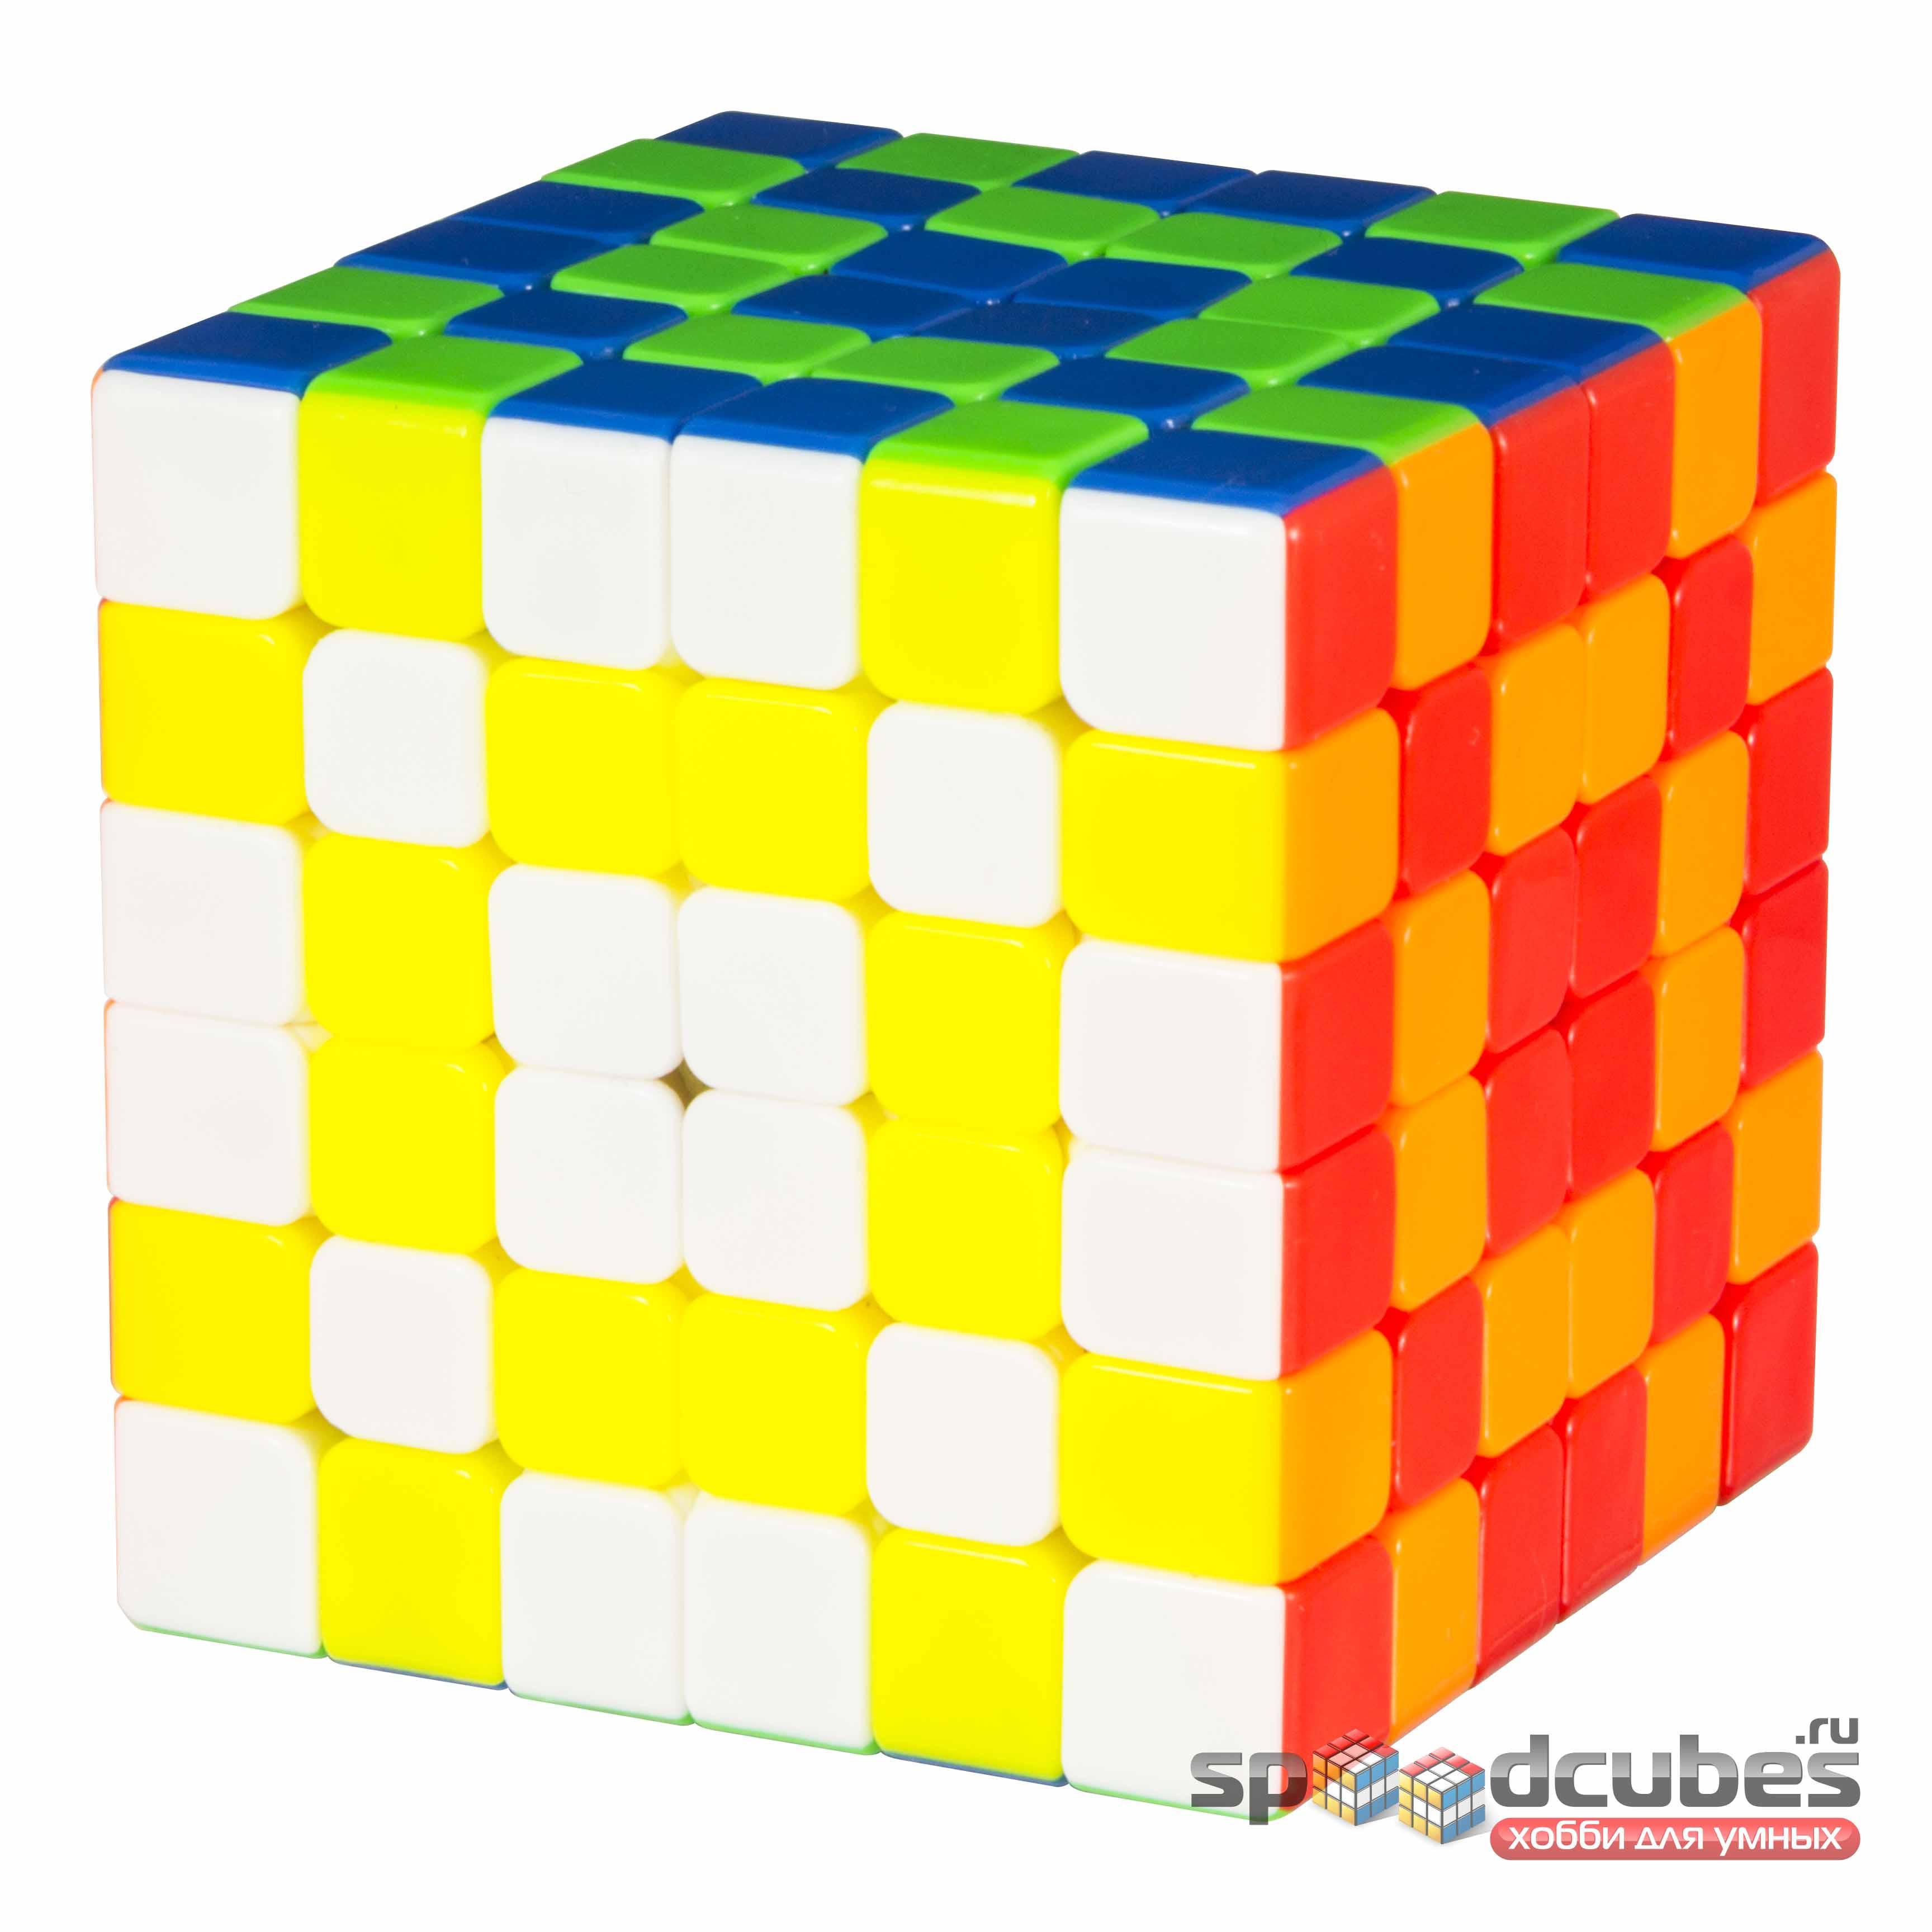 YJ 6x6x6 RuiShi (цв) 3